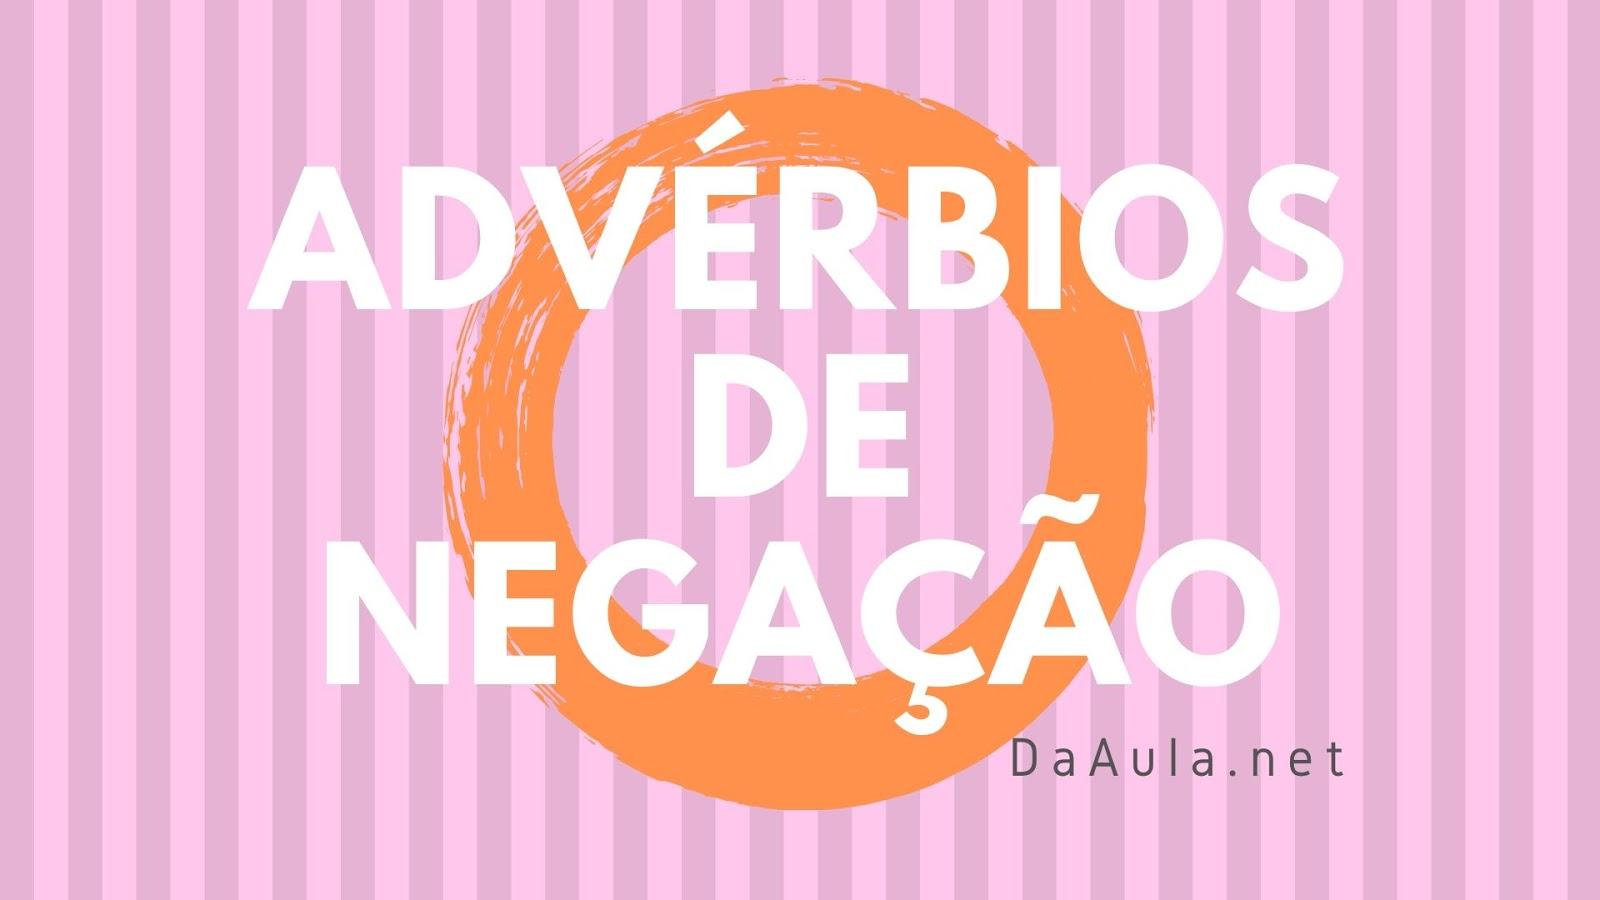 Língua Portuguesa: O que são Advérbios de Negação